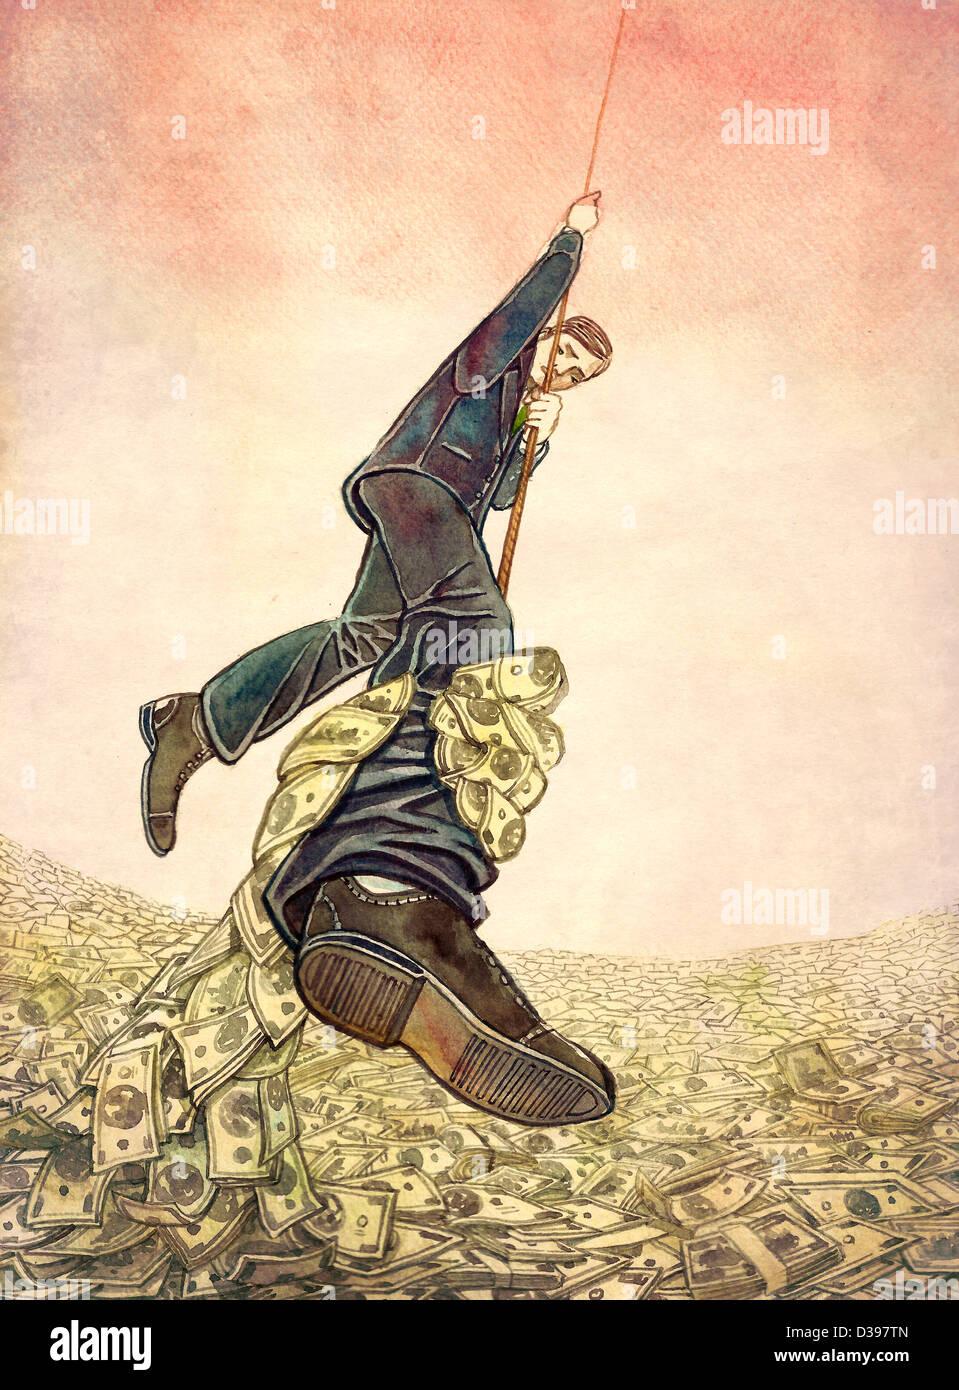 Businessman hanging sur corde tout en attrapant la main de l'argent à partir de la jambe de l'homme Photo Stock